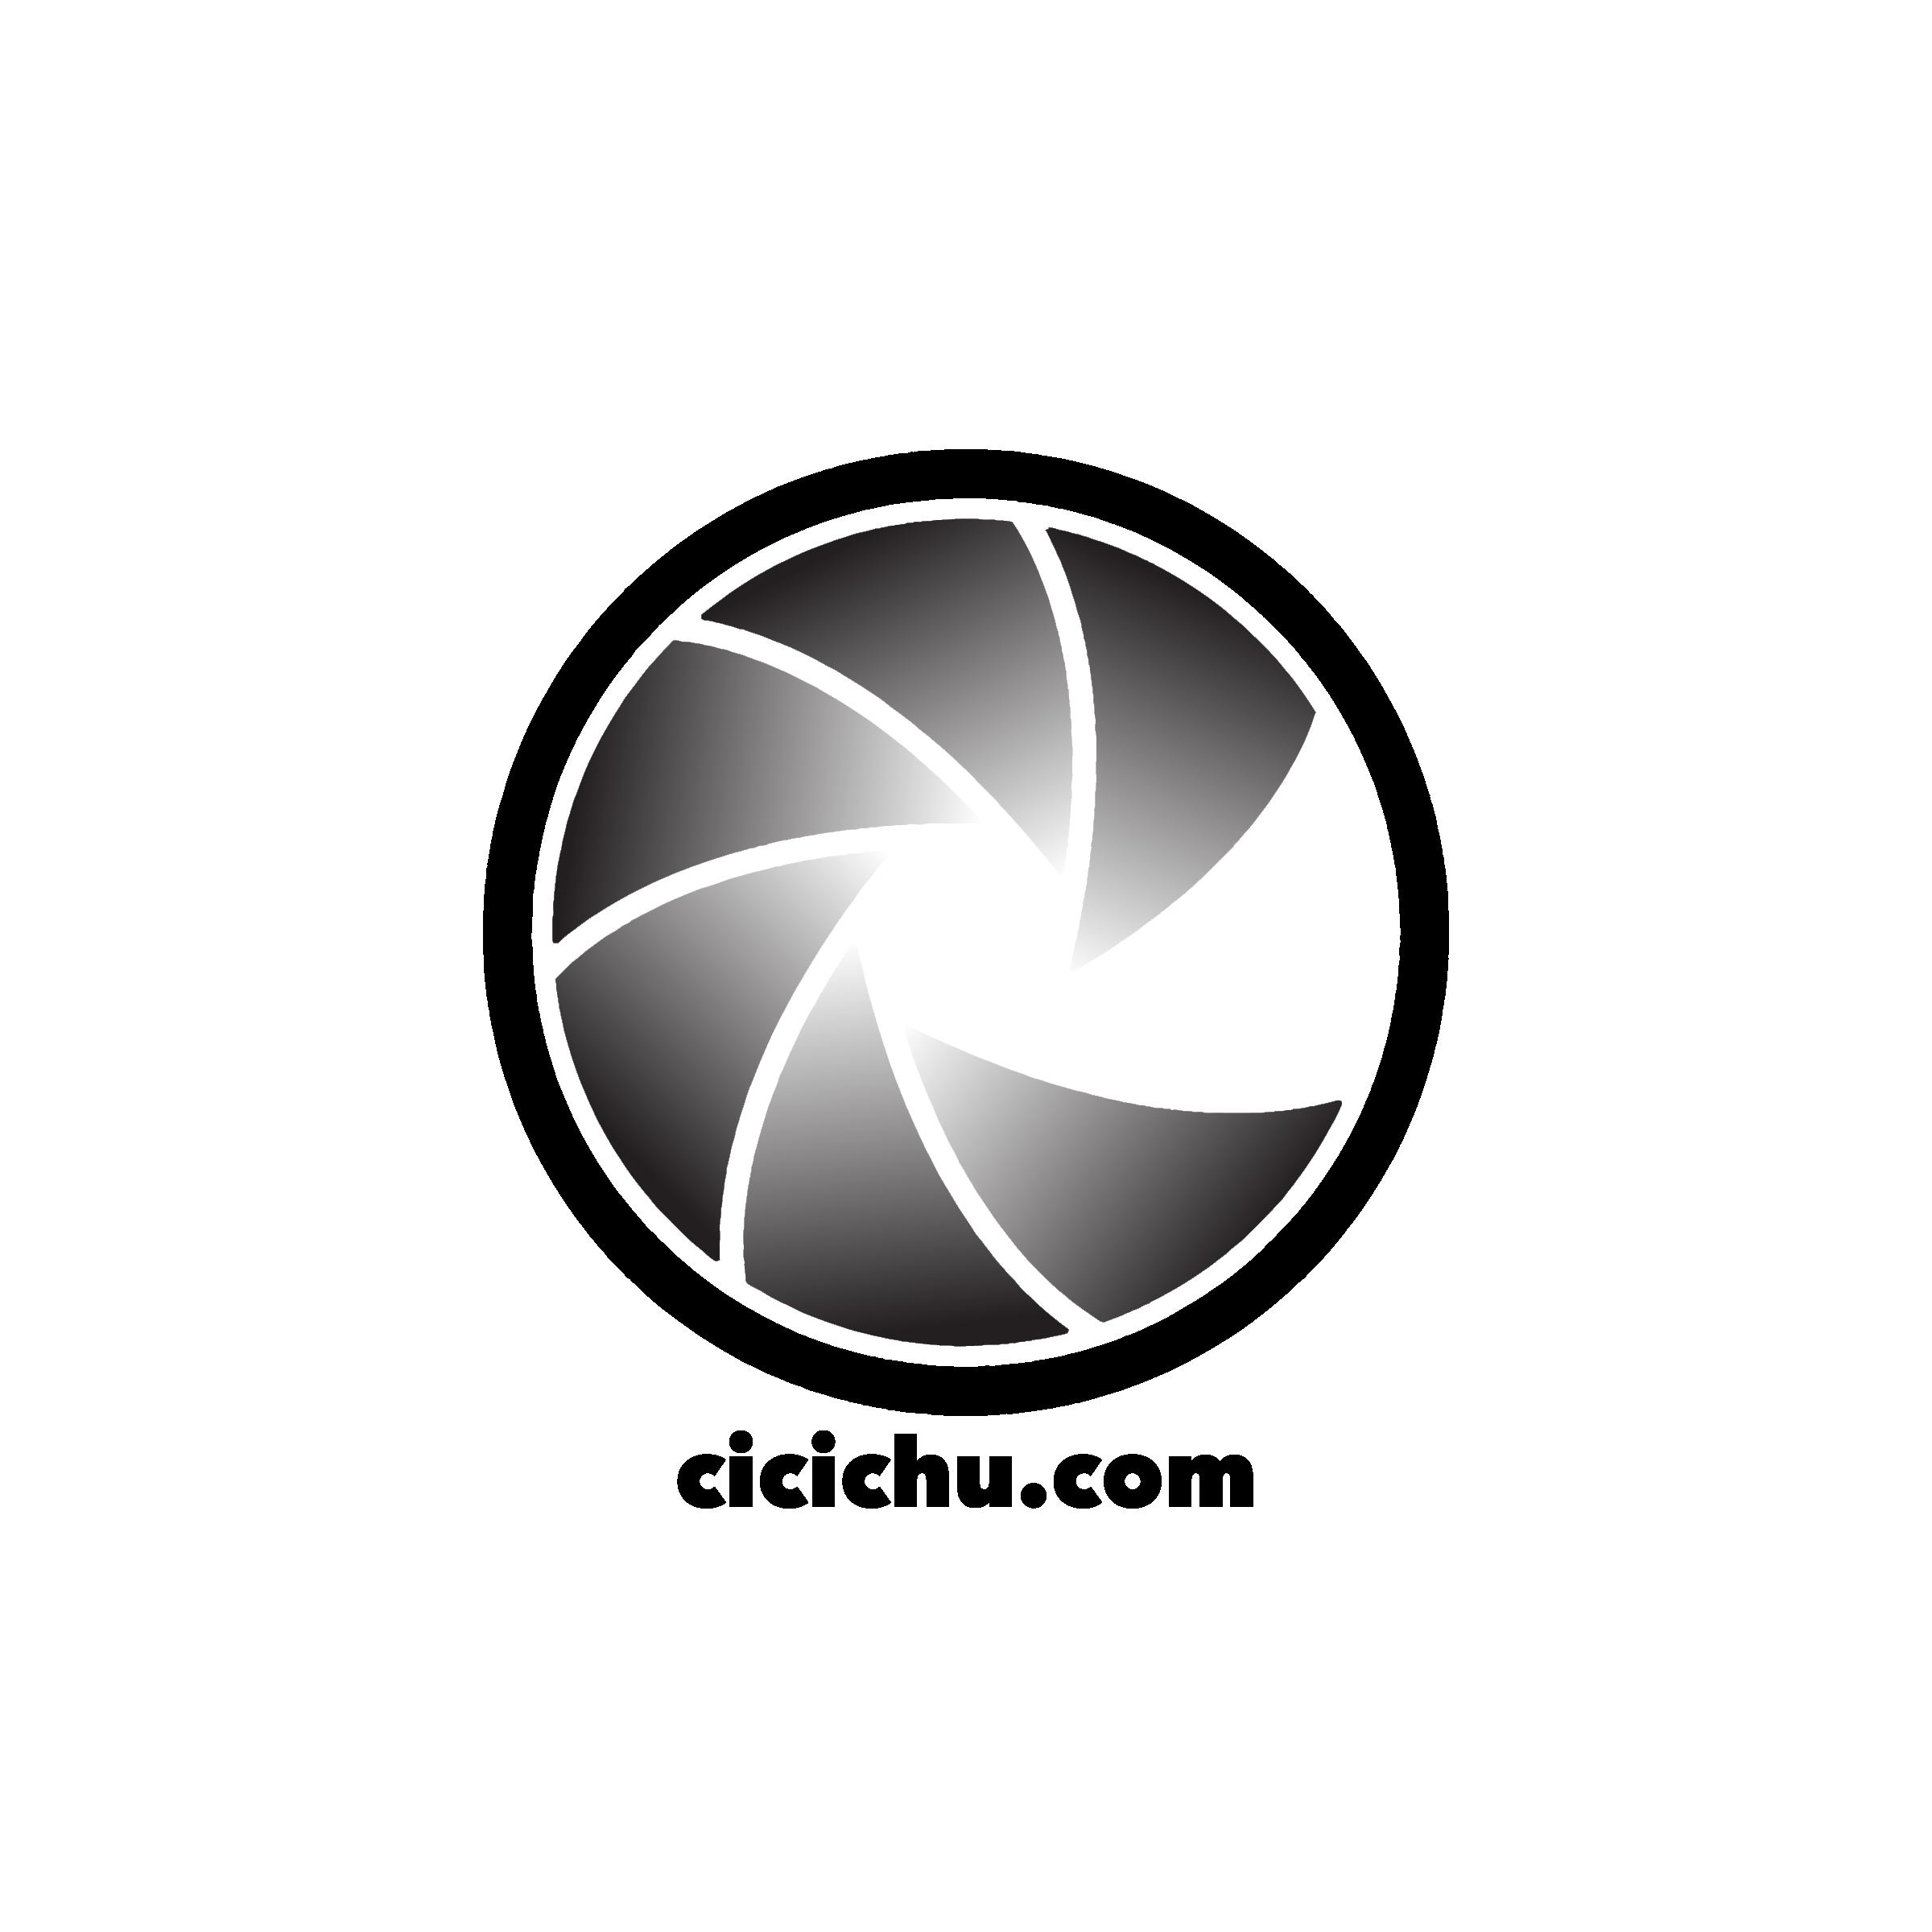 cicchu logo-01.png